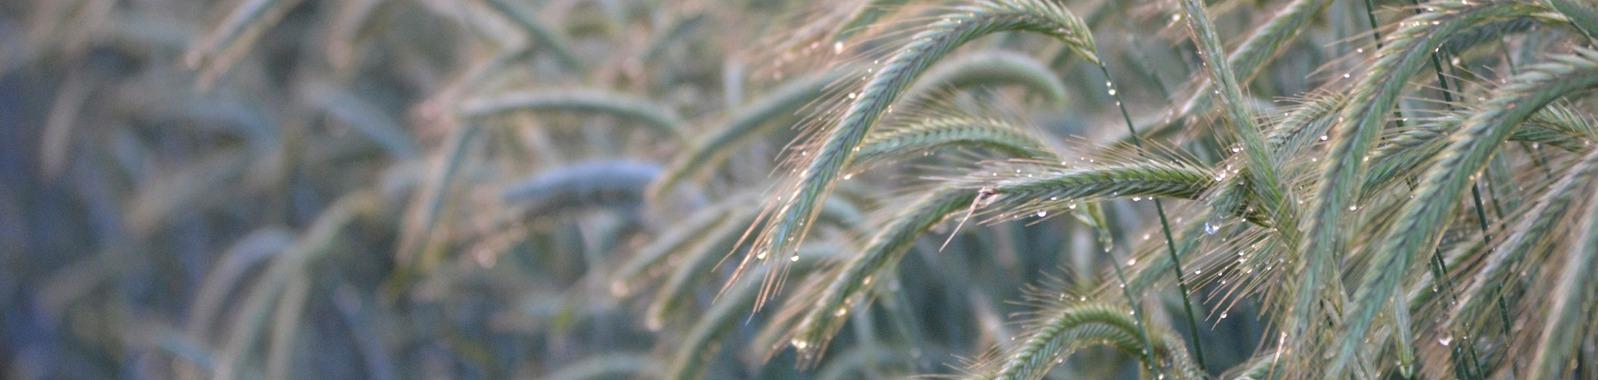 Ravinteiden merkitys rukiin viljelyssä